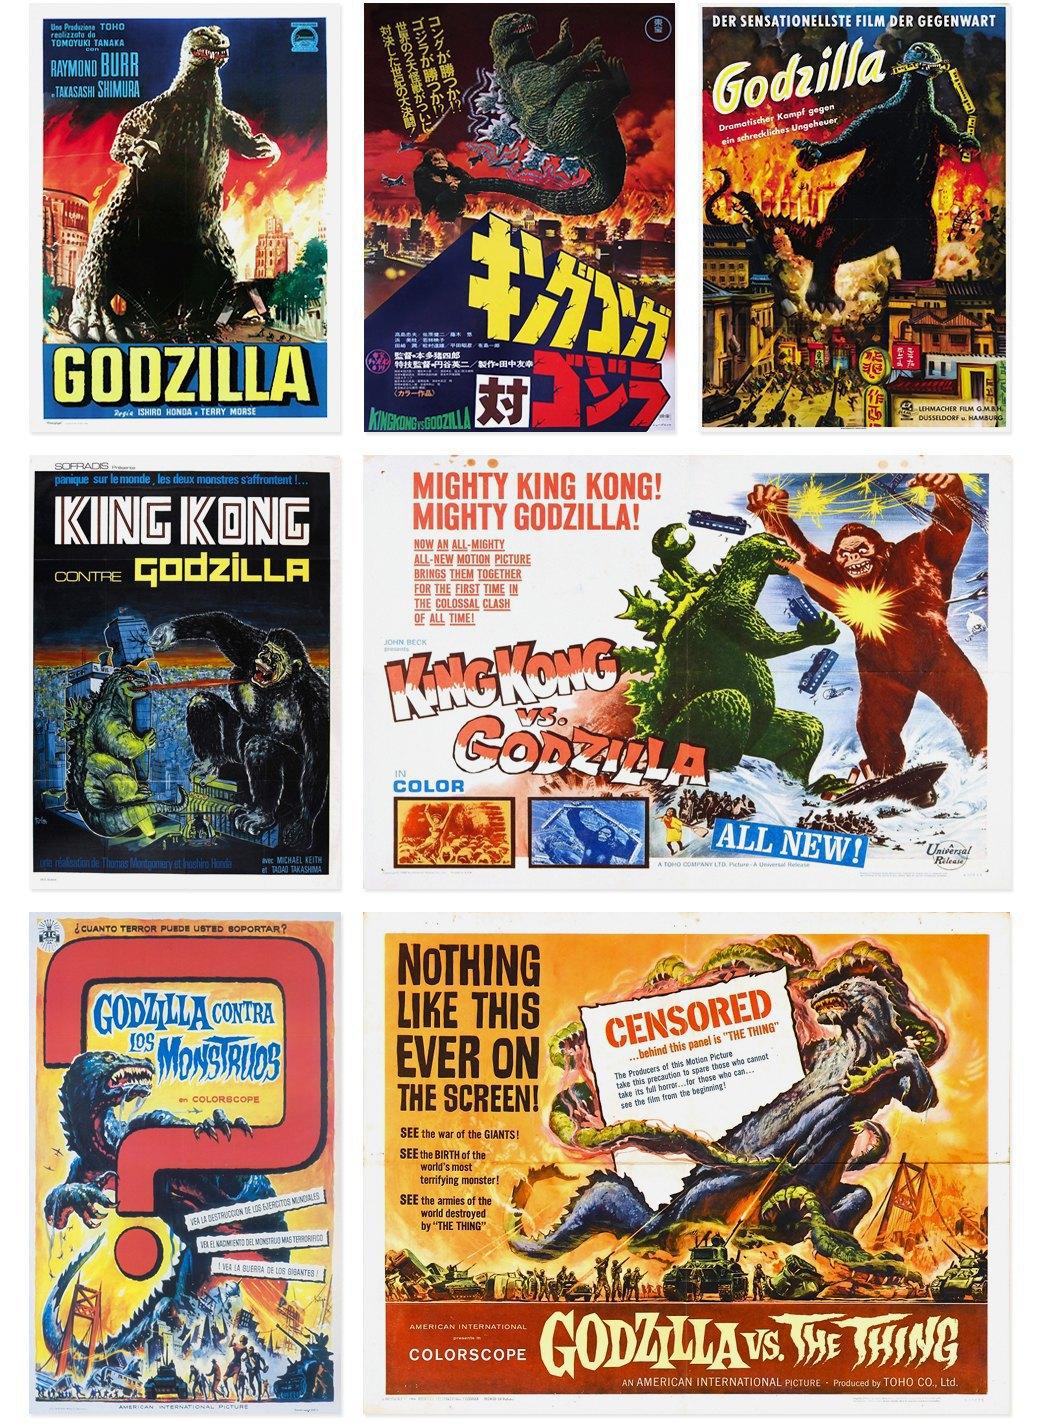 50 плакатов к фильмам о Годзилле. Изображение № 2.